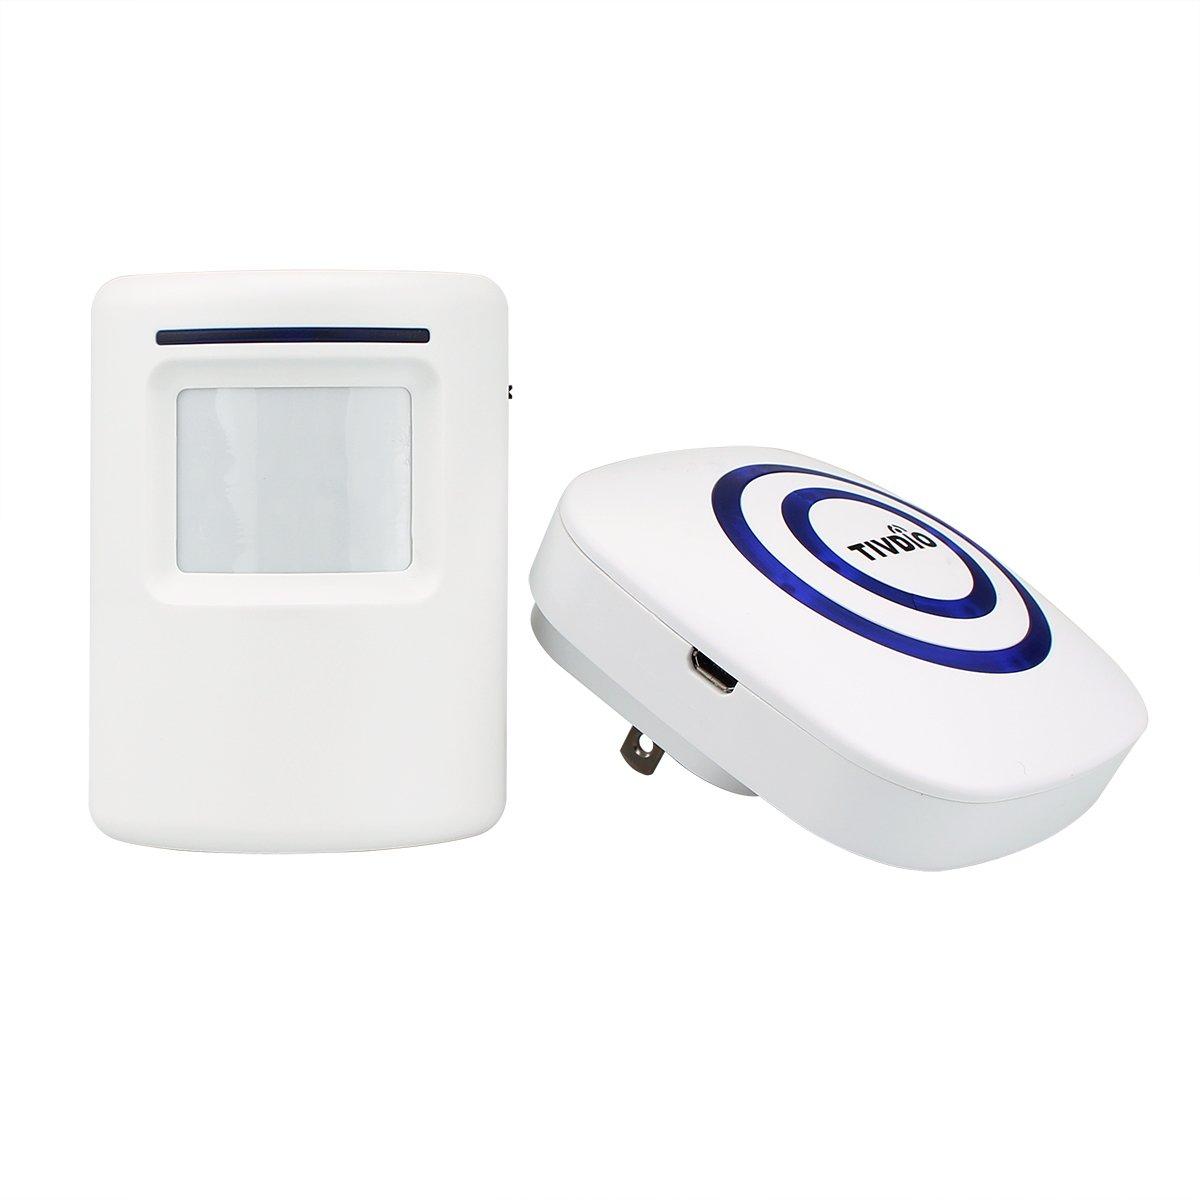 tivdioワイヤレスホームセキュリティアラームワイヤレスDrivewayアラートDoorbell with 1プラグイン受信機および1 PIRモーションセンサー検出器38 Melodies to Choose forショップホームストア B071GYGTX7